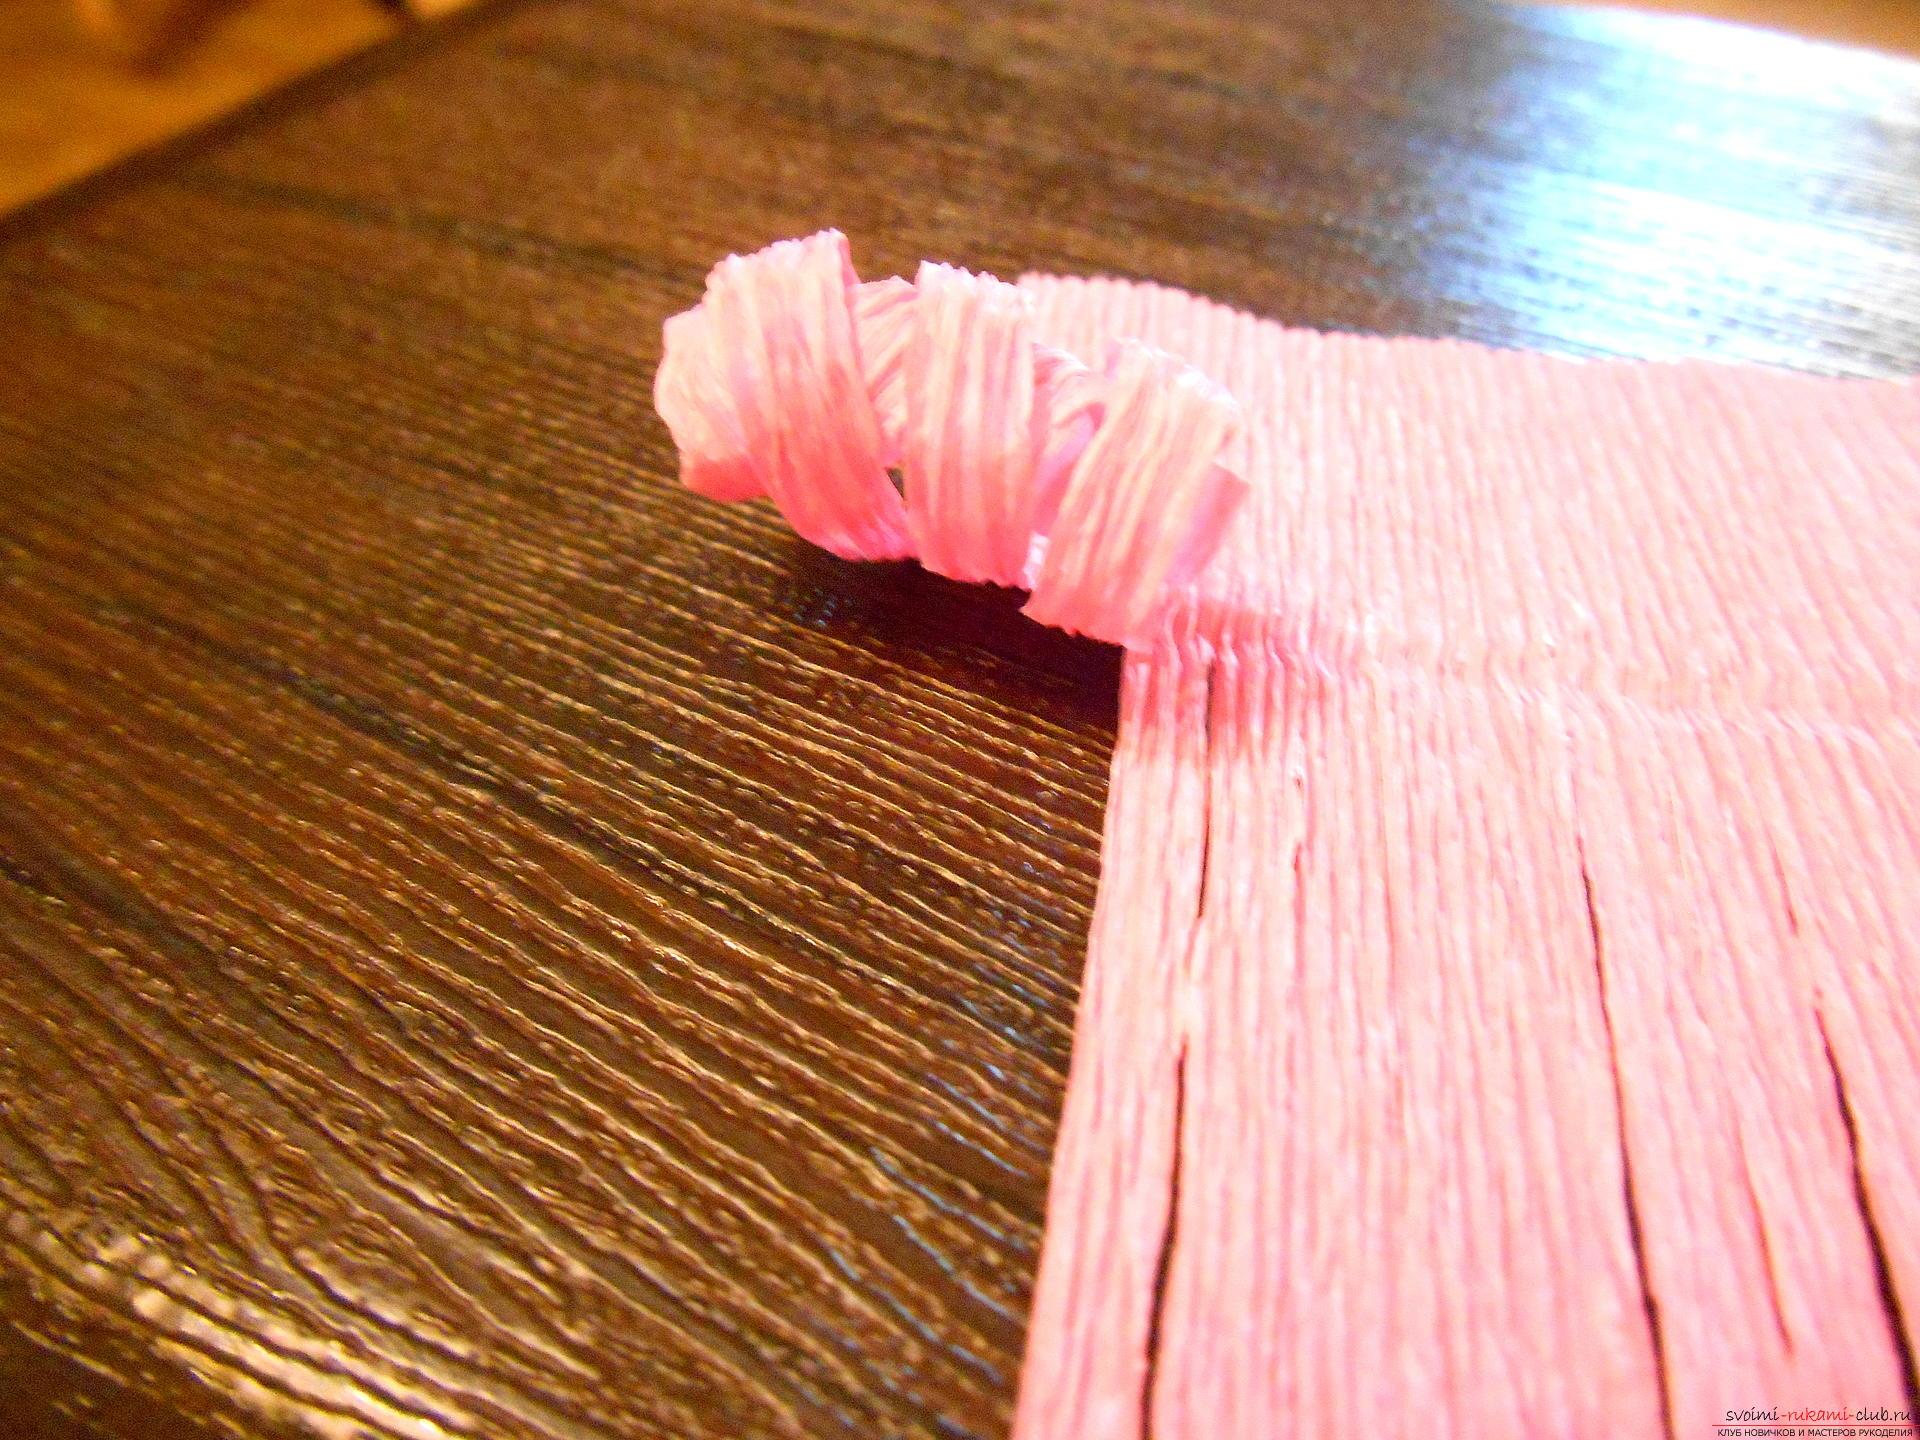 Гиацинт из гофрированной бумаги своими руками пошаговое фото